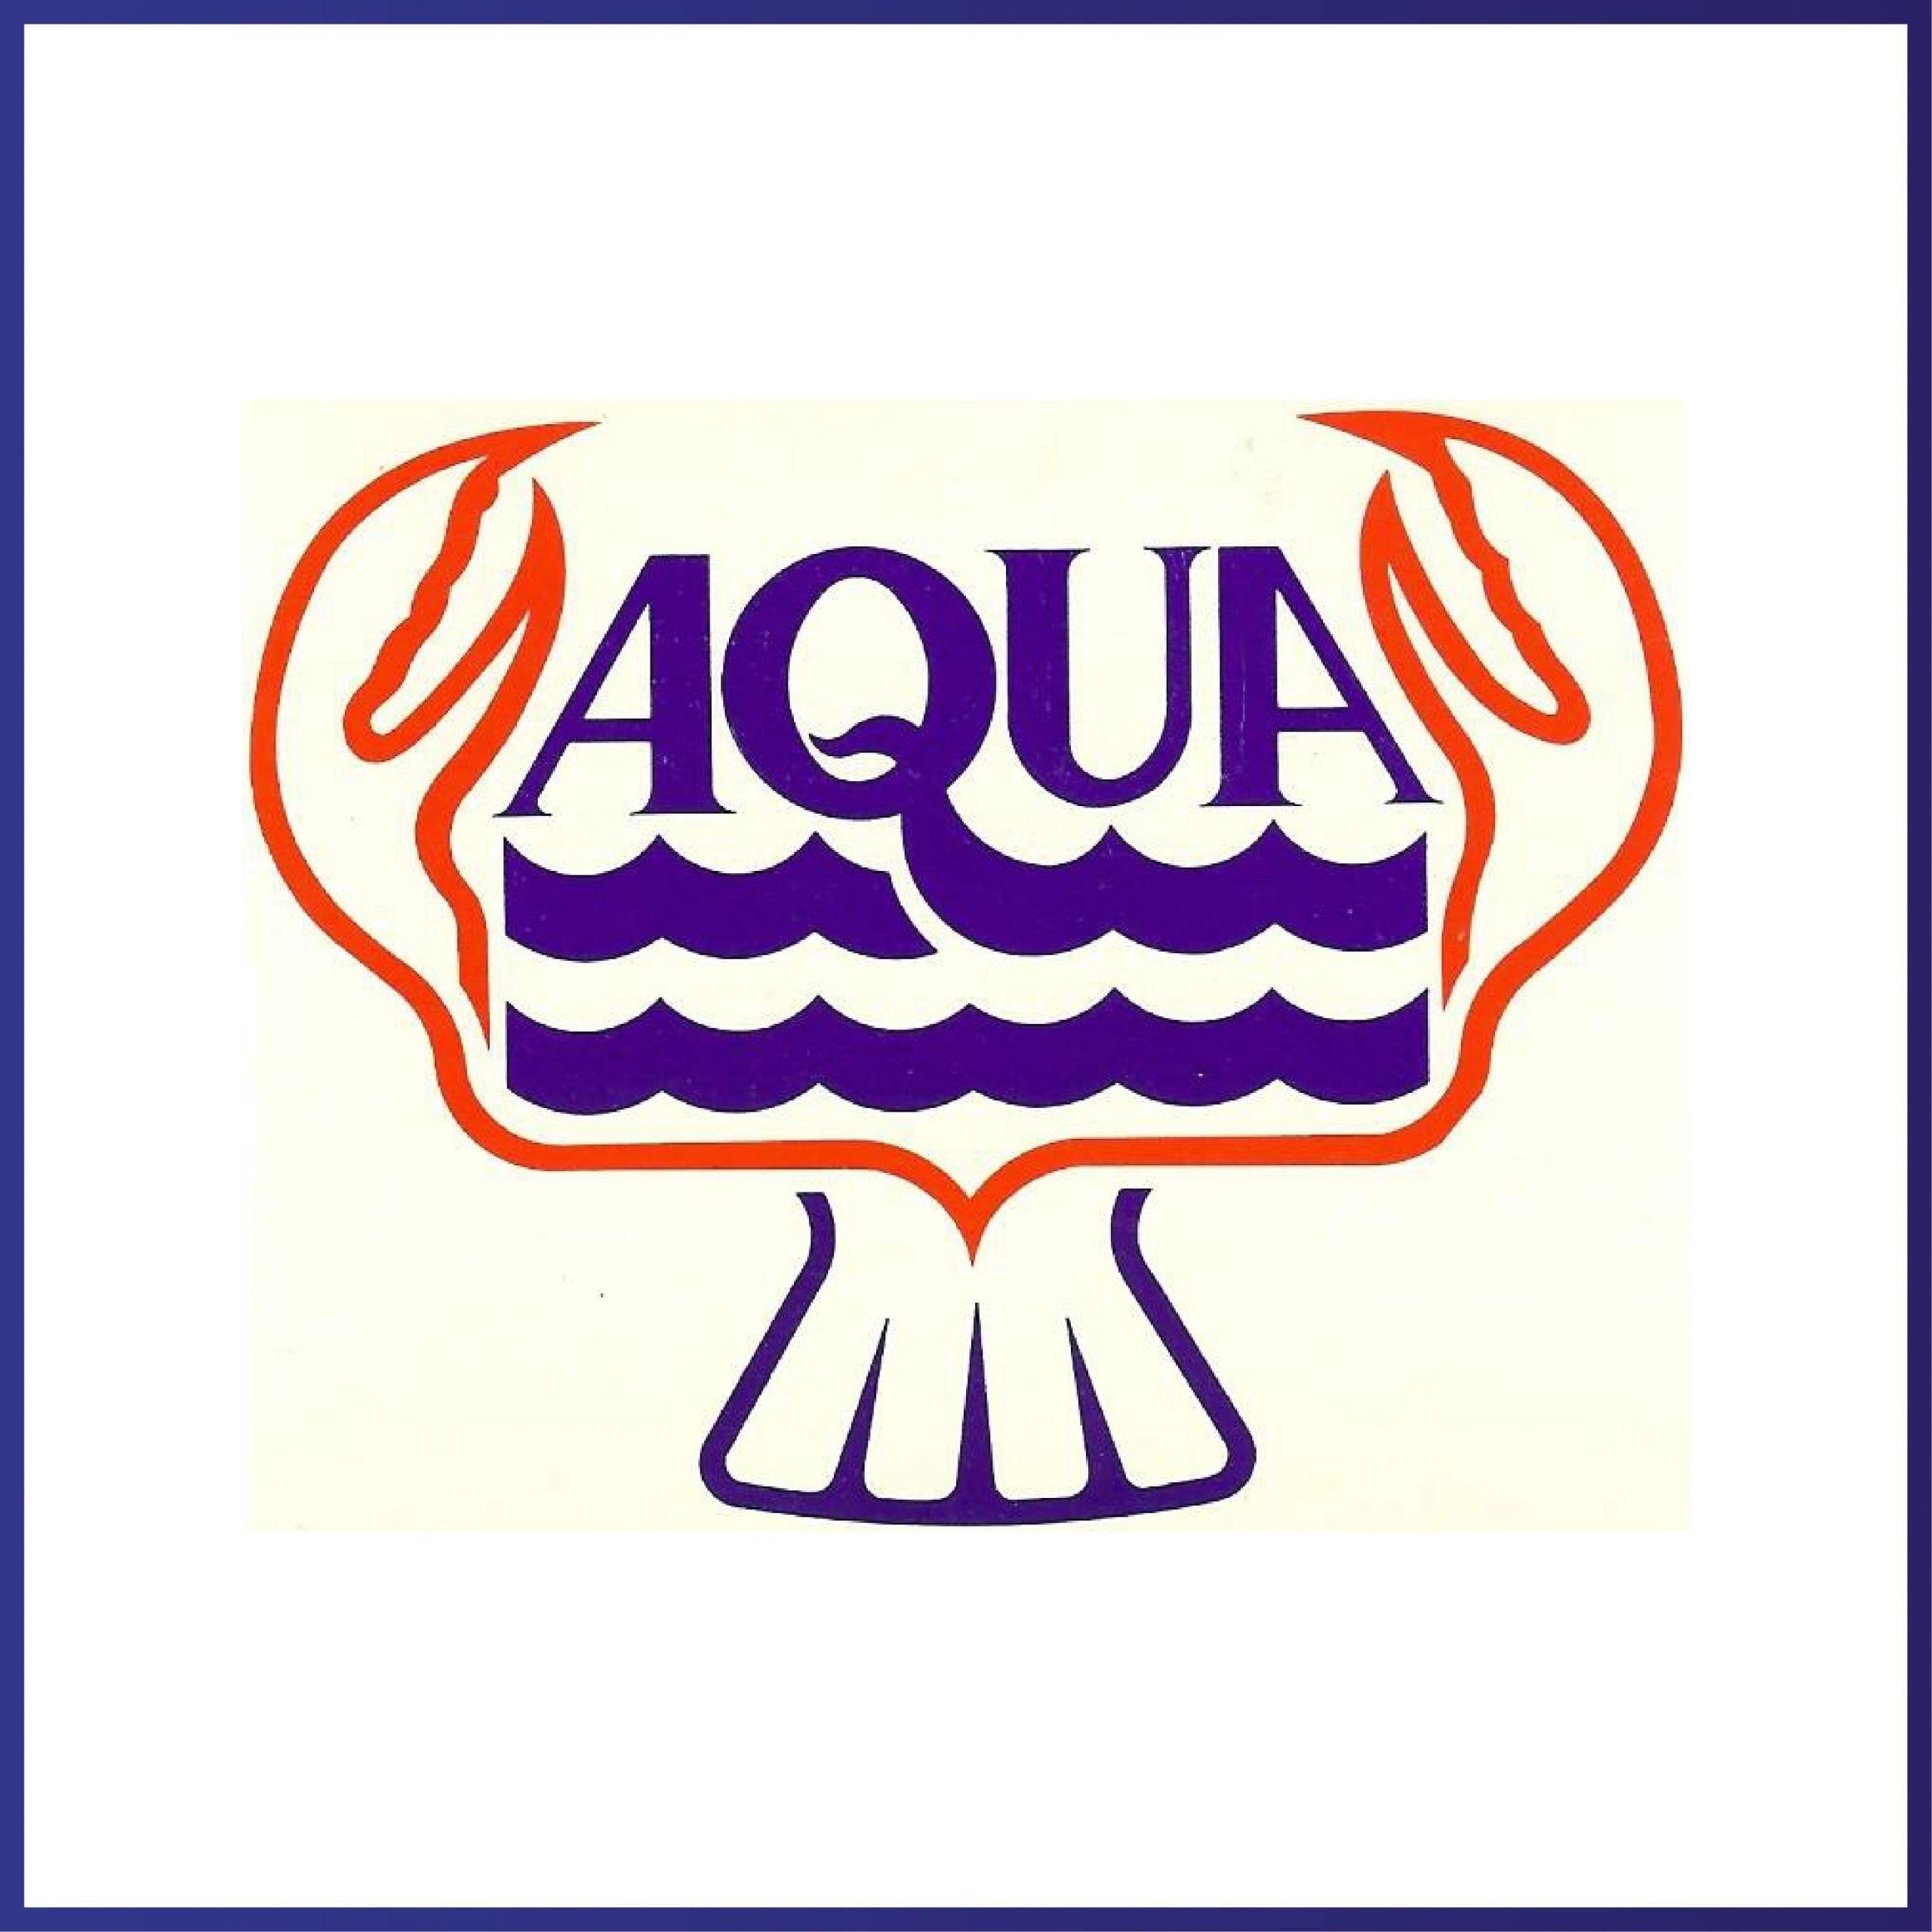 Aqua Développement - Modernisation de logo